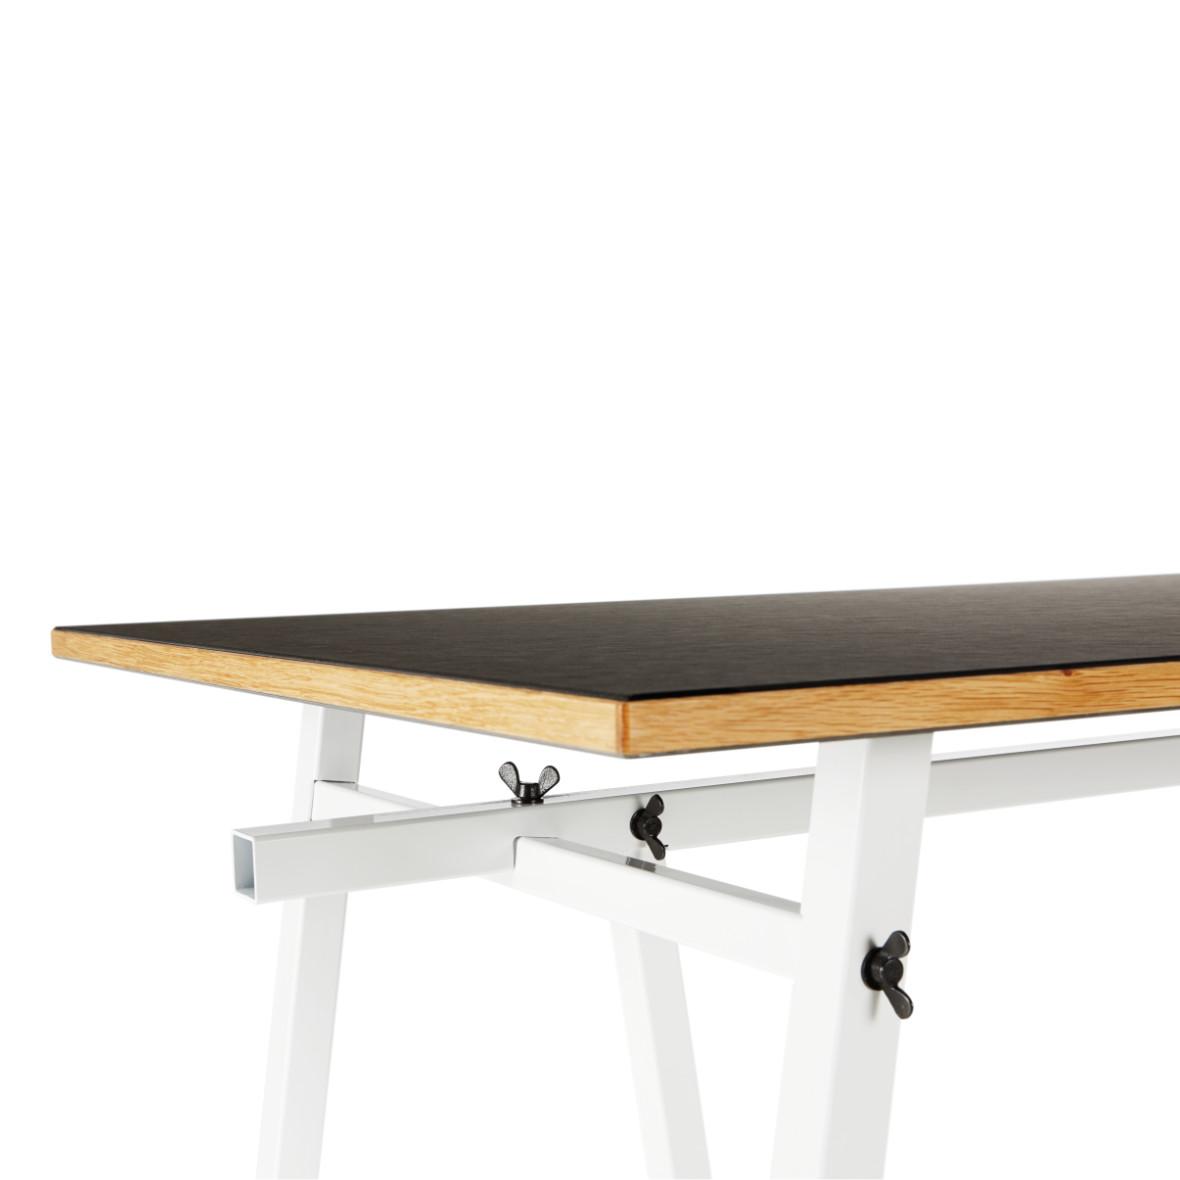 ateliertisch embru schwarz weiss platte – für den idealen arbeitsplatz